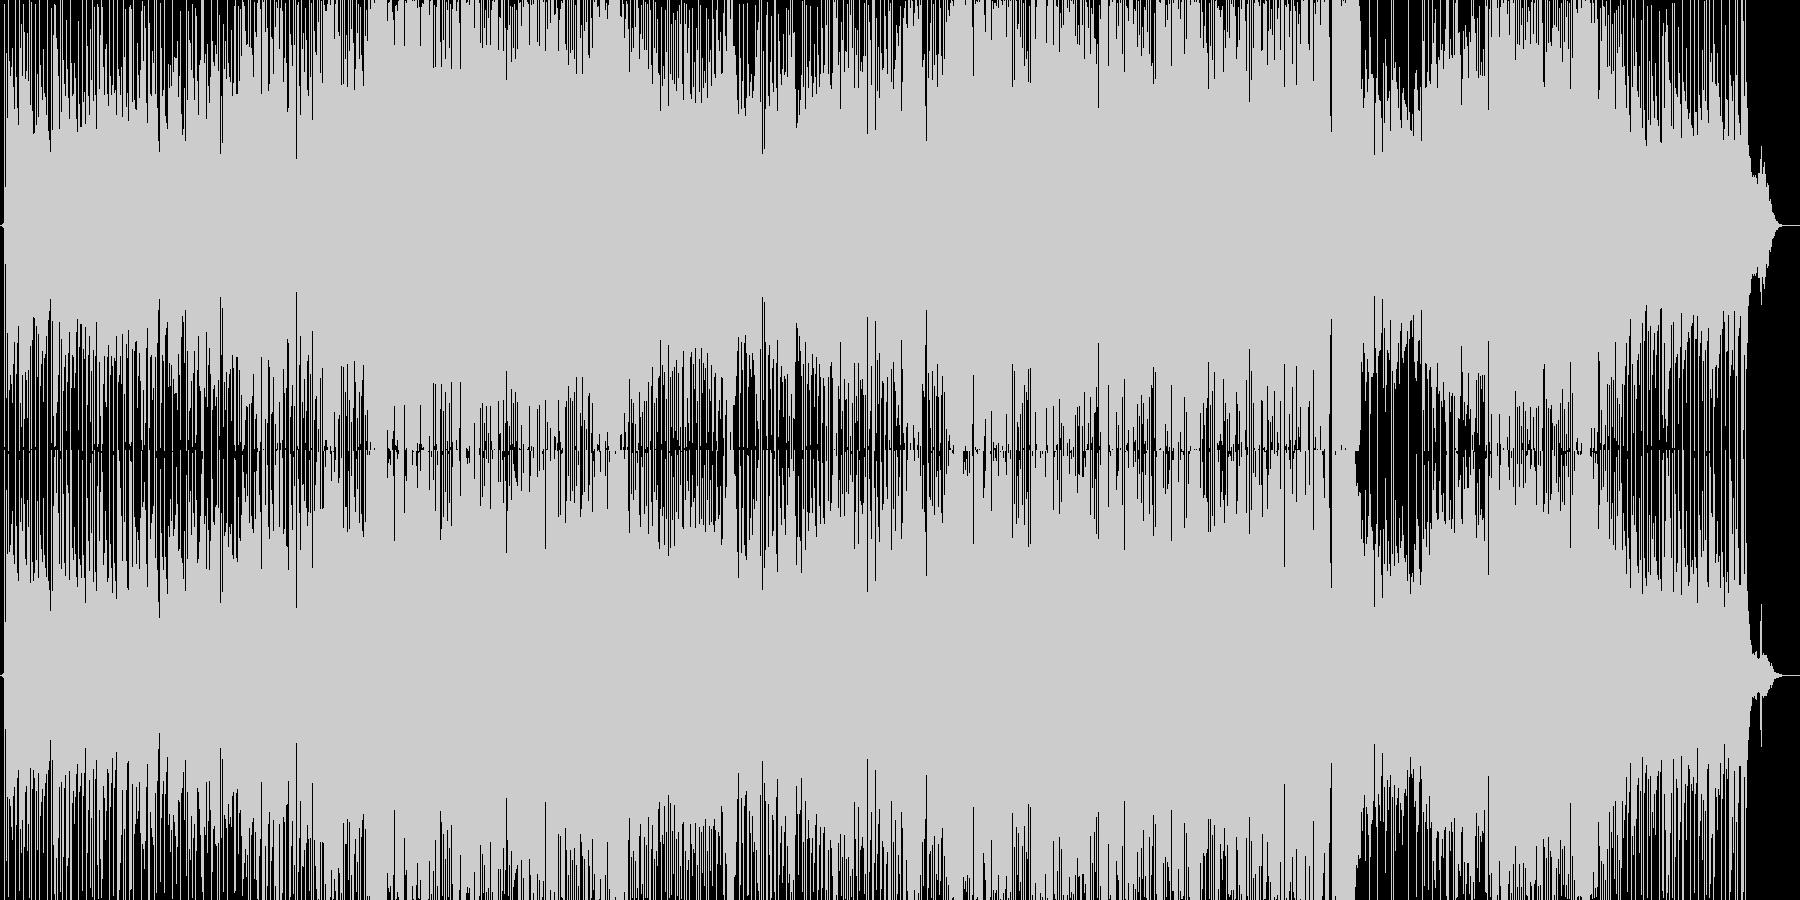 プロフィールムービー用 女性ボーカル曲の未再生の波形